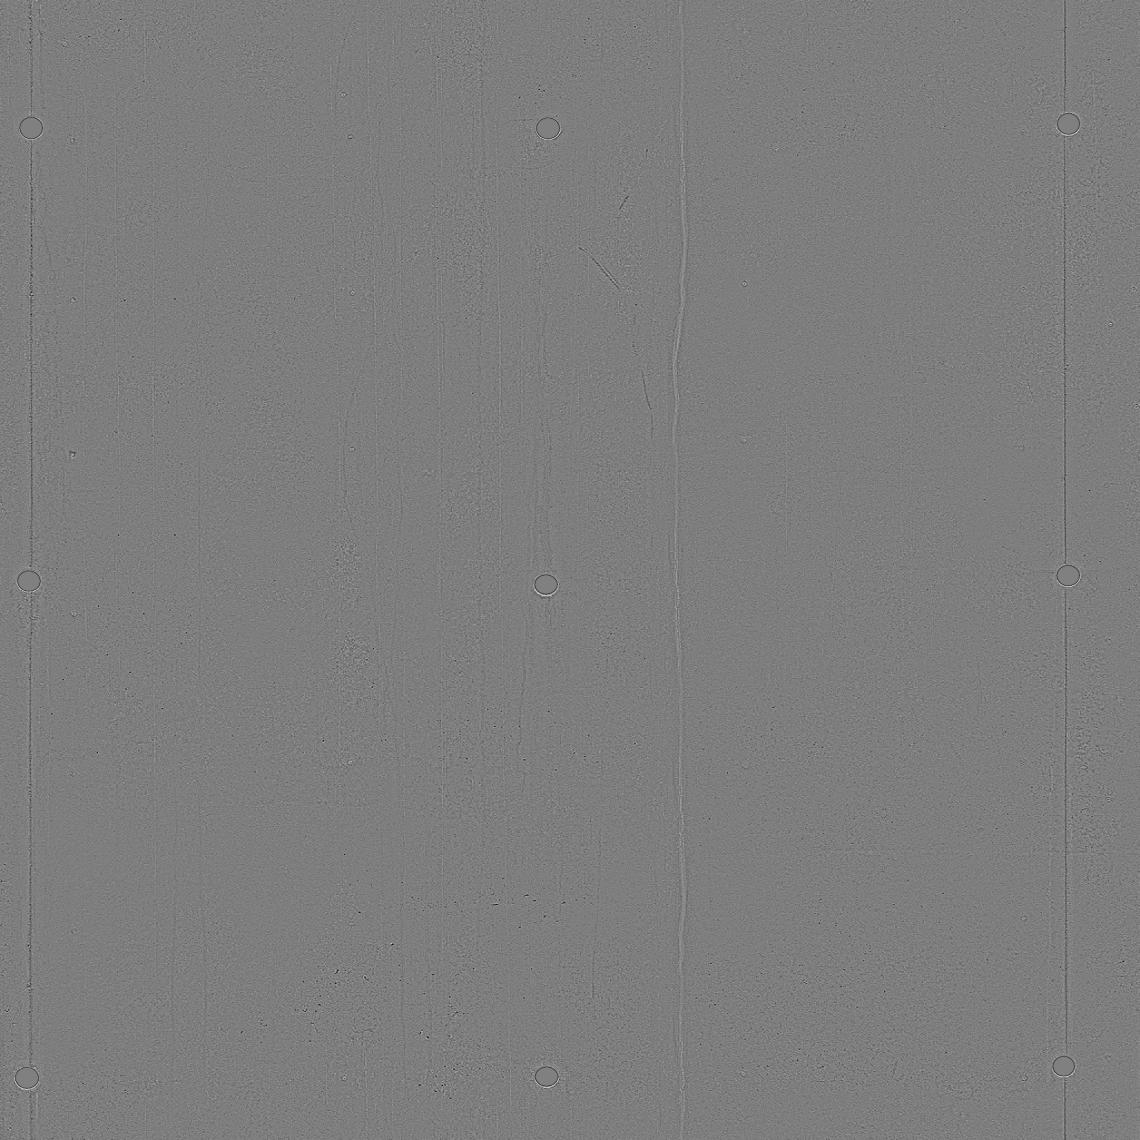 Concrete-Plain-08-Curvature